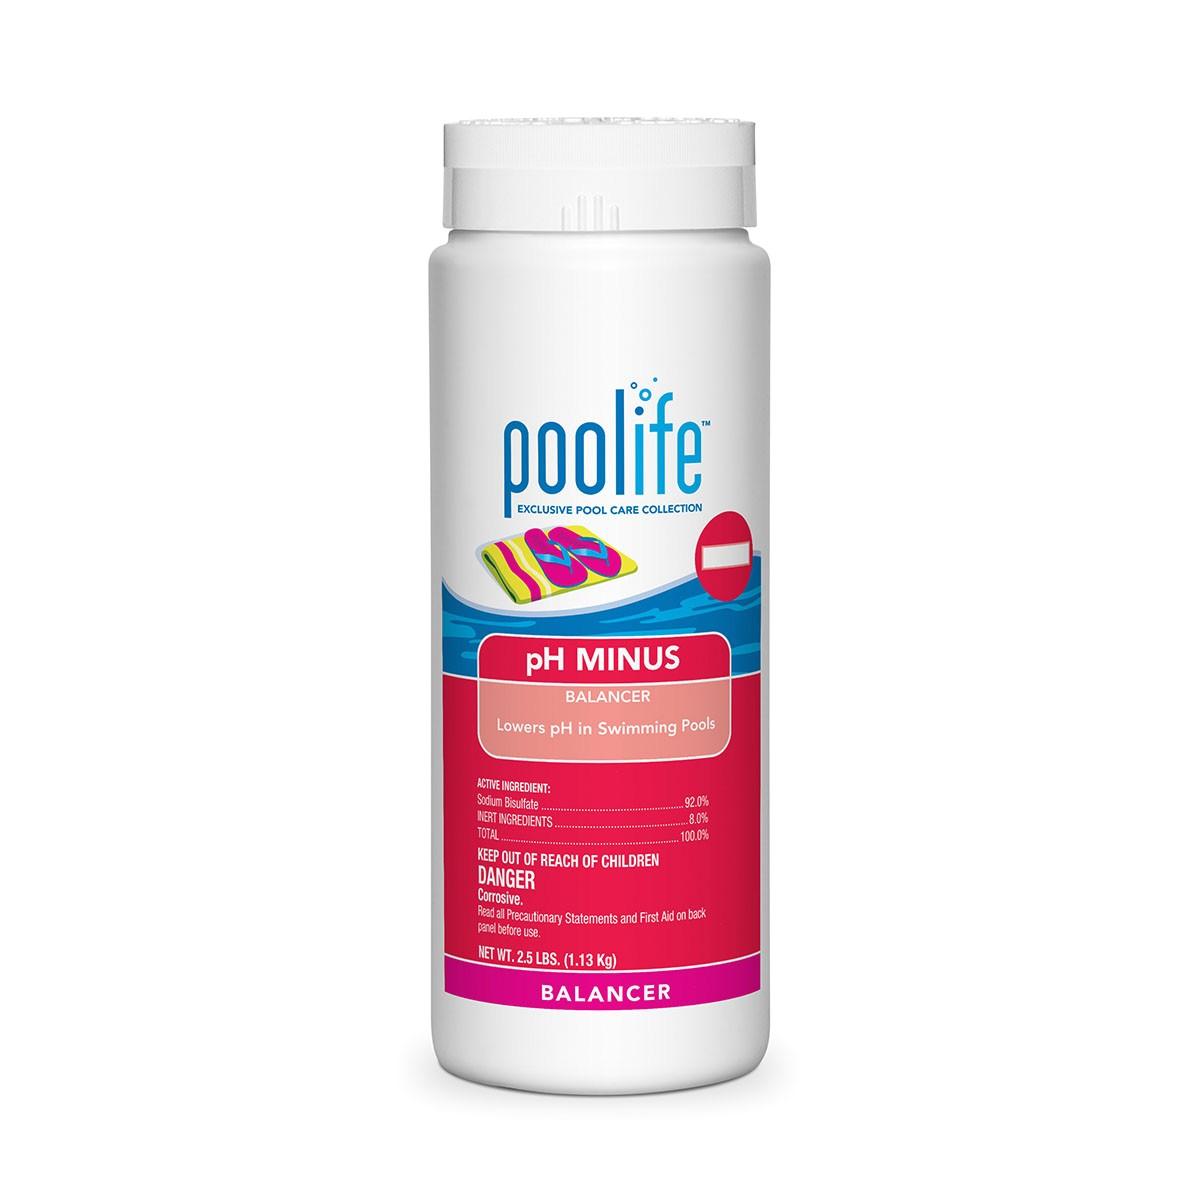 poolife ph minus balancer